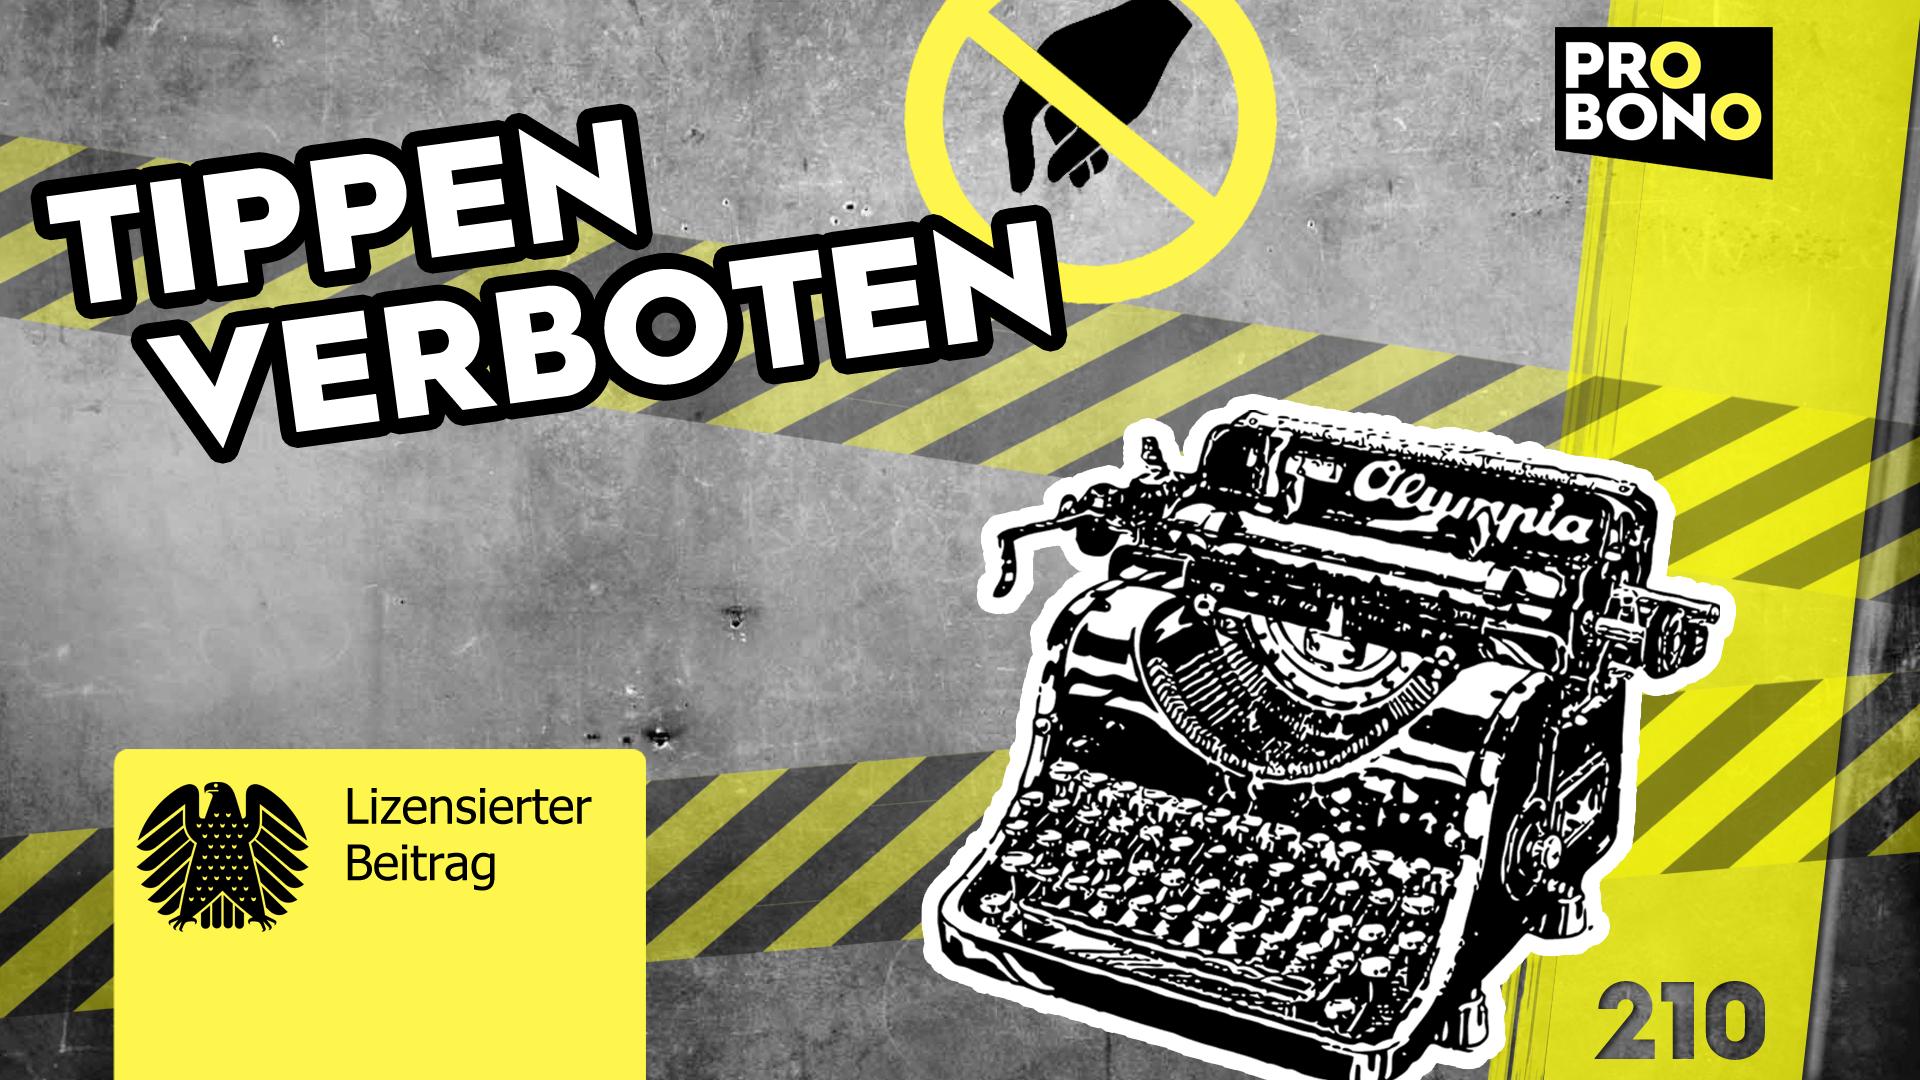 Tippen verboten: Ist die Pressefreiheit in Gefahr? (probono Magazin)